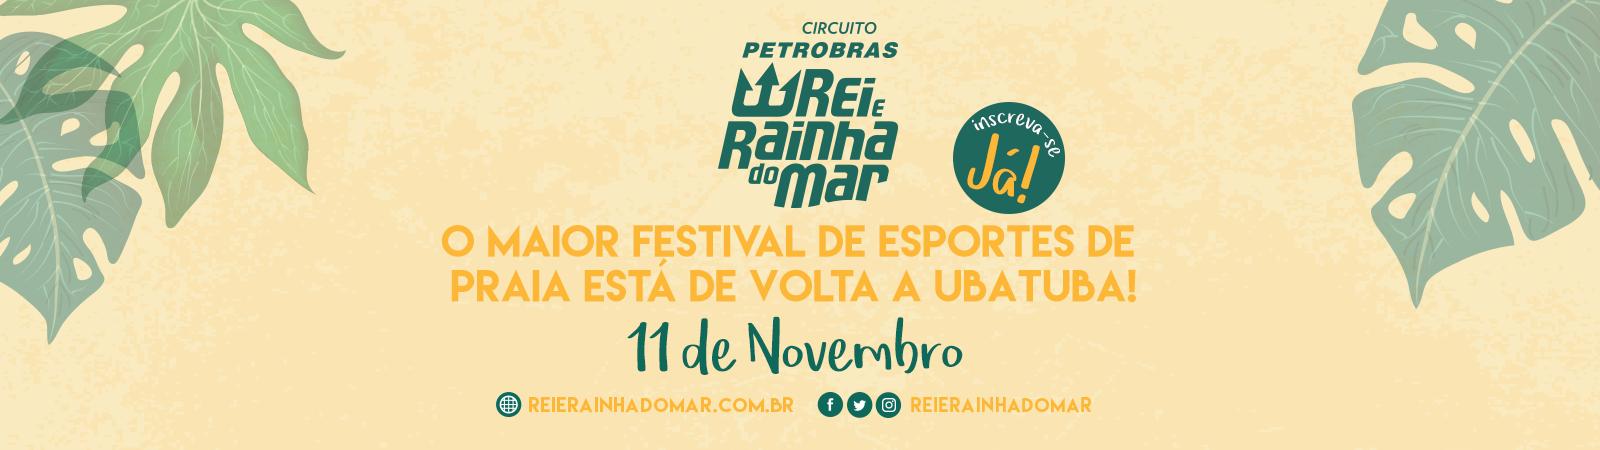 Circuito Petrobras Rei e Rainha do Mar 2018 - Etapa Ubatuba - Imagem de topo